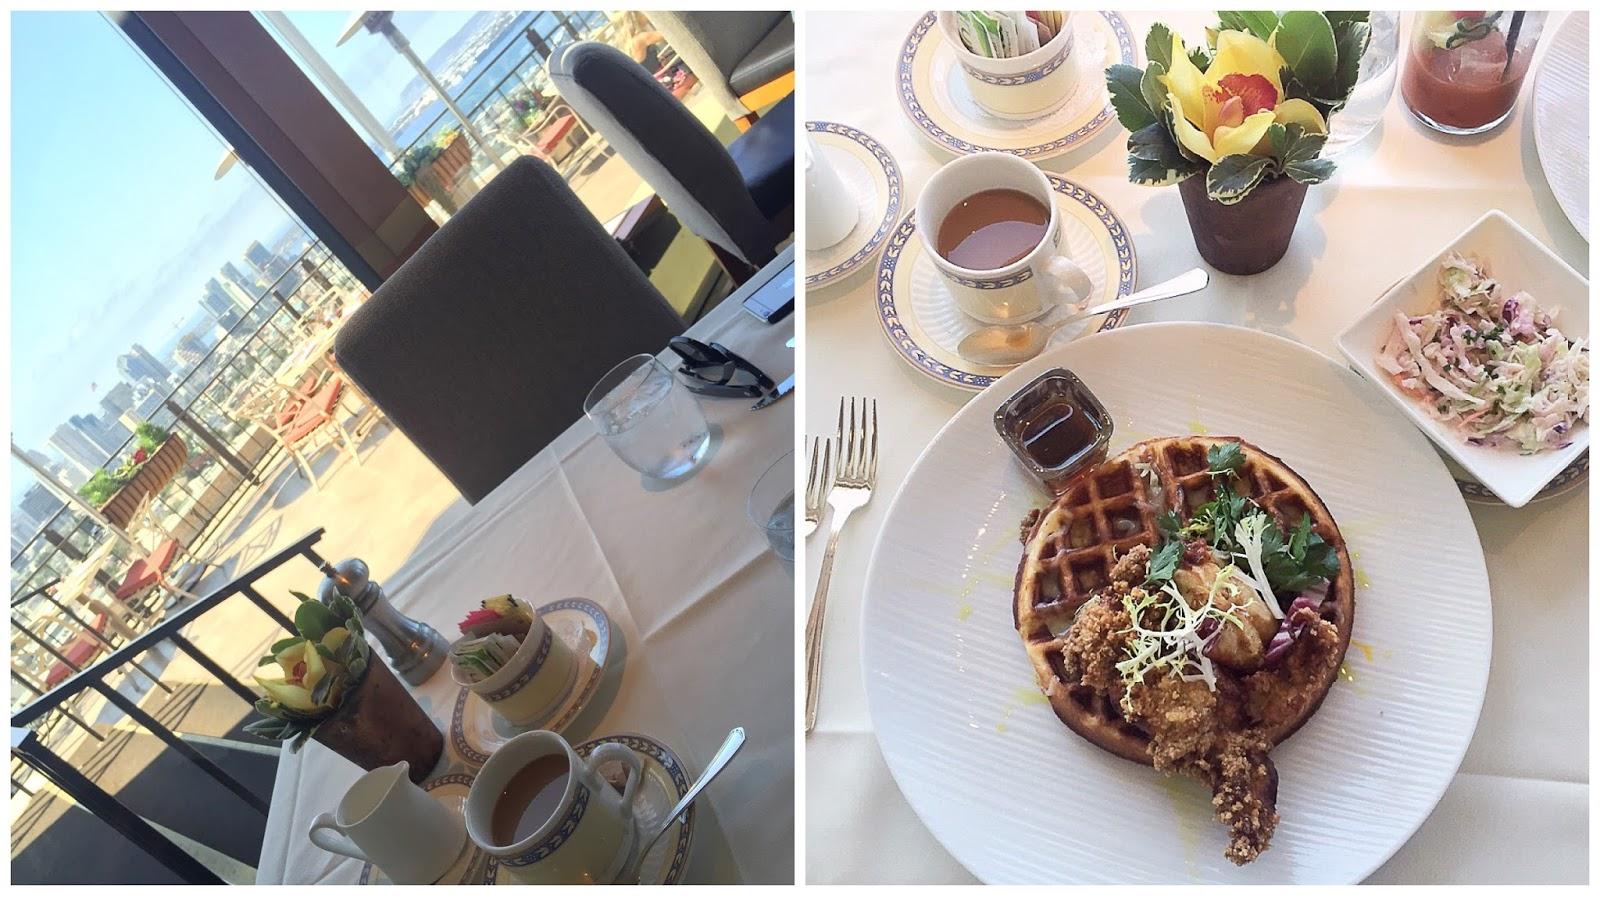 Best views in San Diego, elegant restaurant in san diego, mister a's brunch menu, chicken and waffles mister a's, chicken and waffles in san diego, san diego food blogger